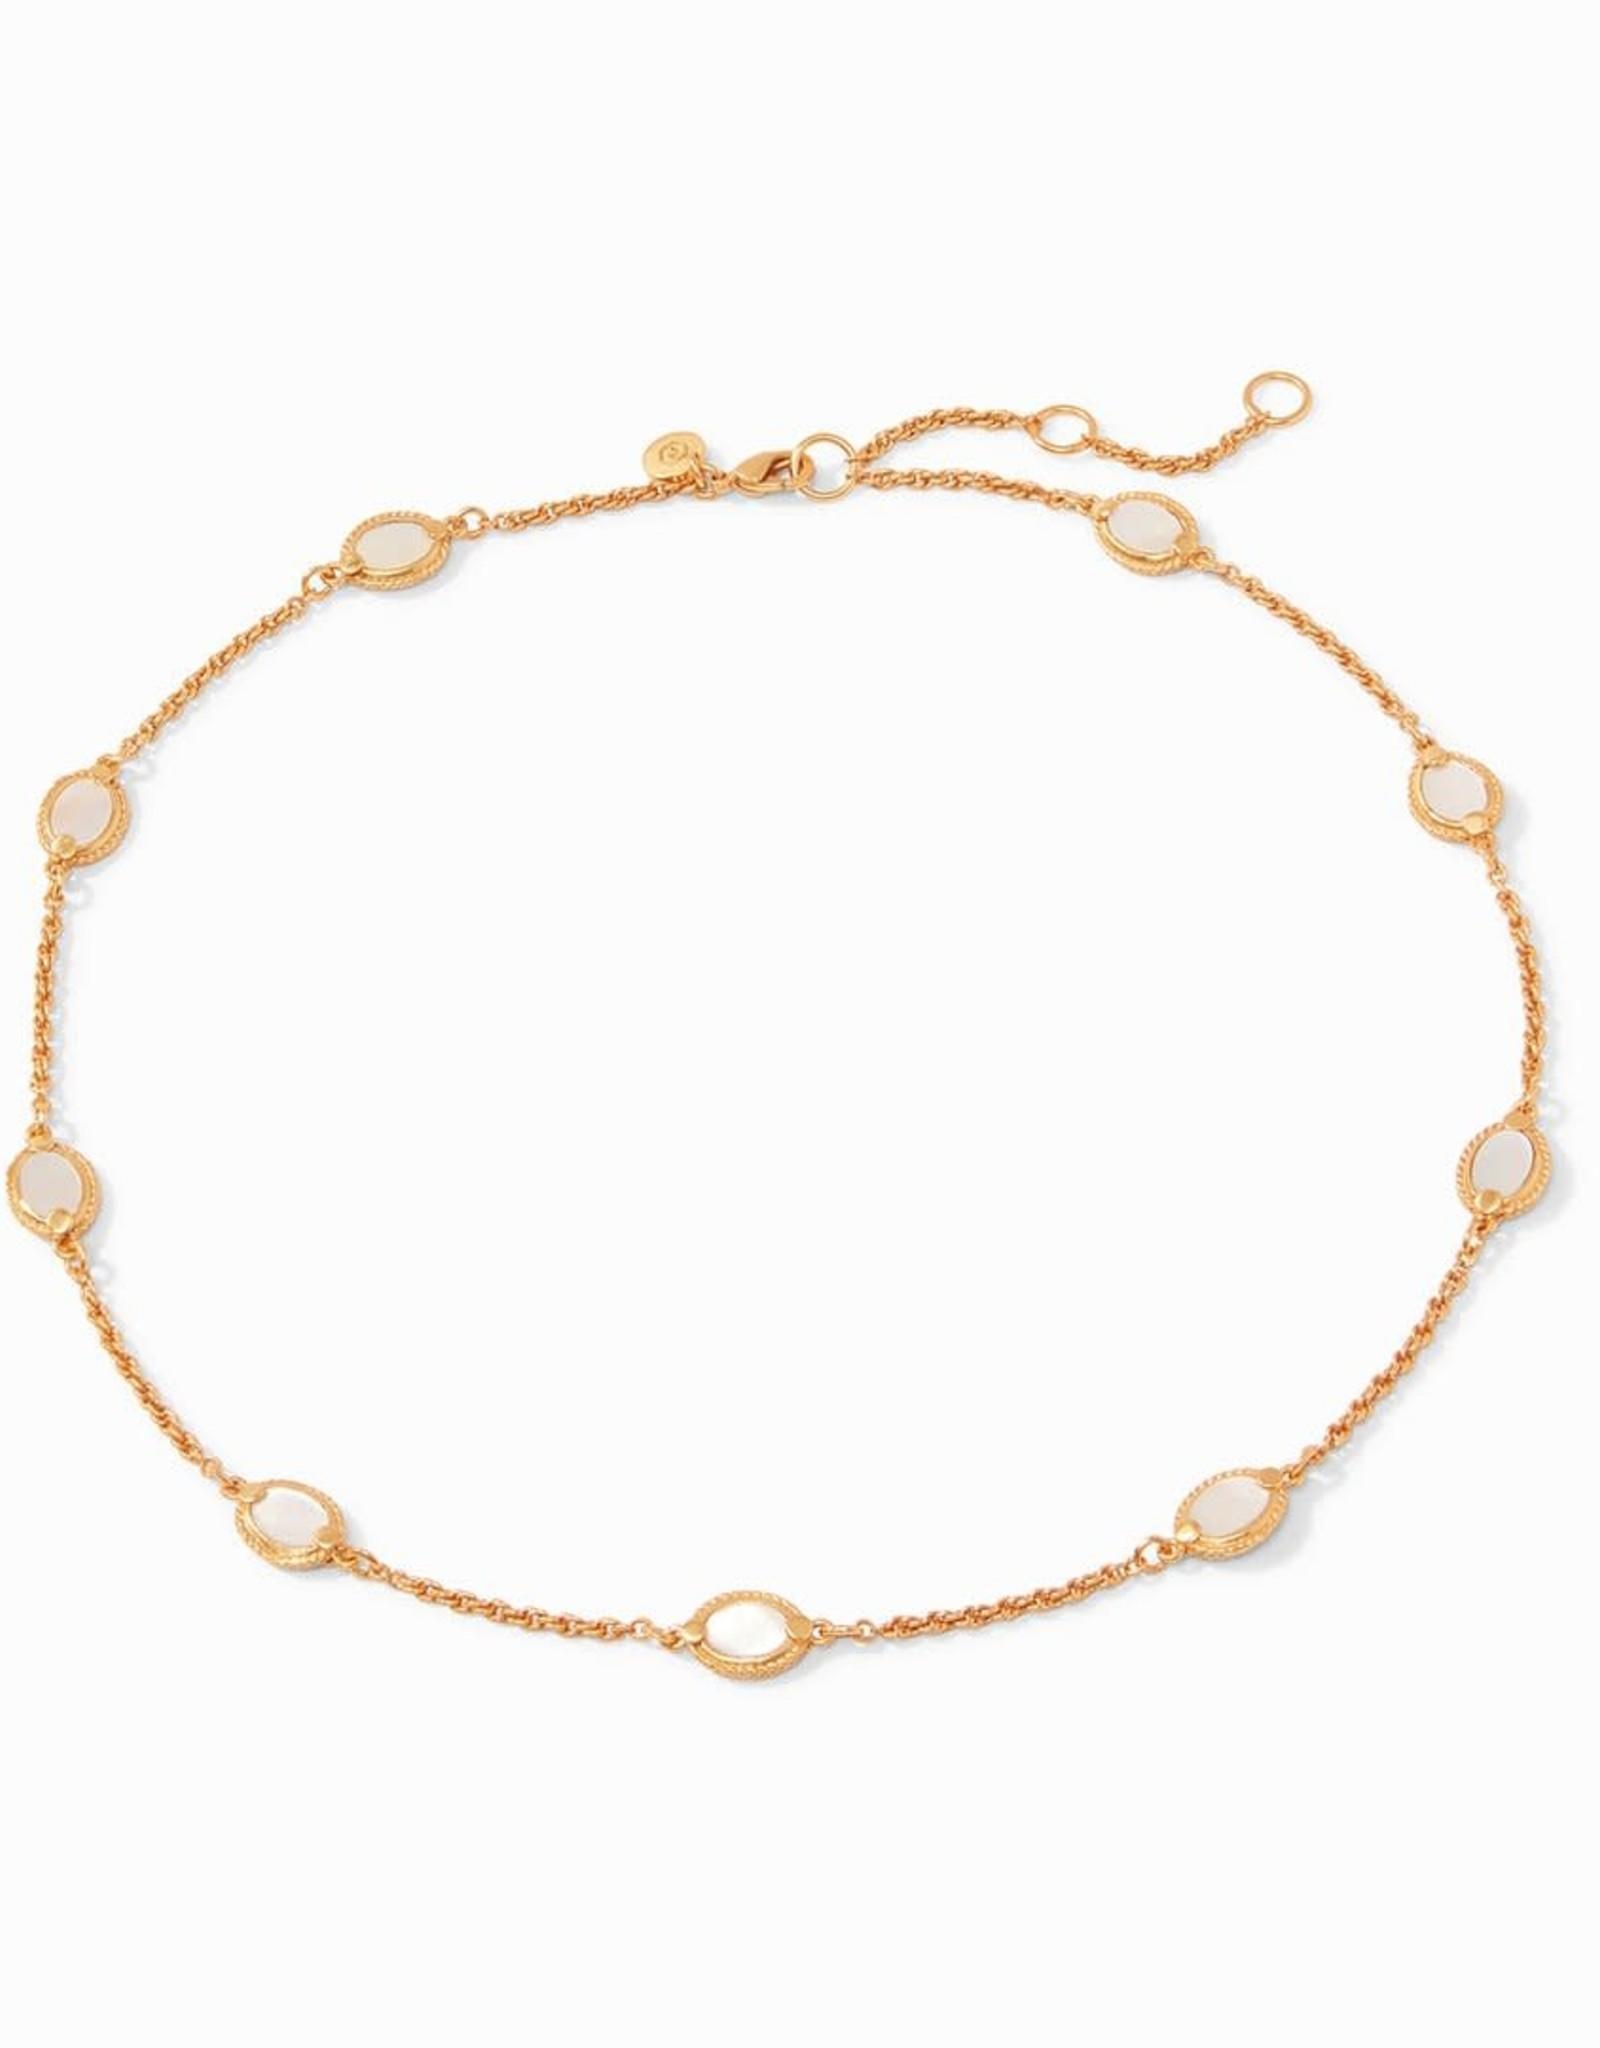 Julie Vos Julie Vos Calypso Demi Station Necklace Pearl